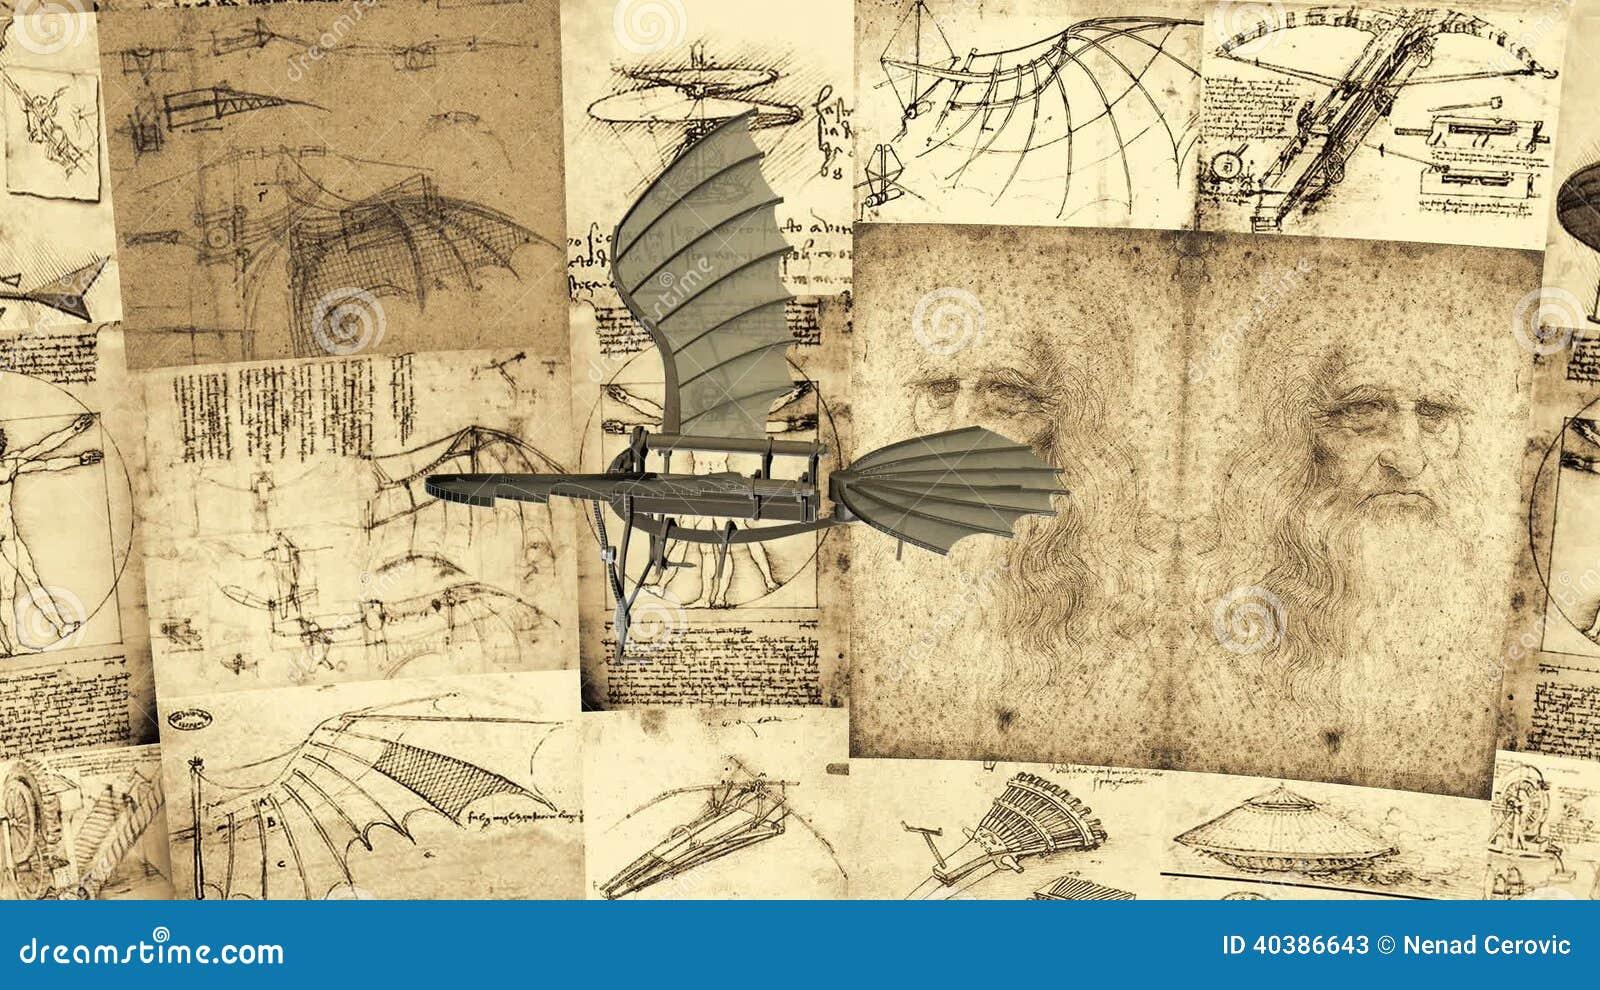 the scientific inventions of leonardo da vinci